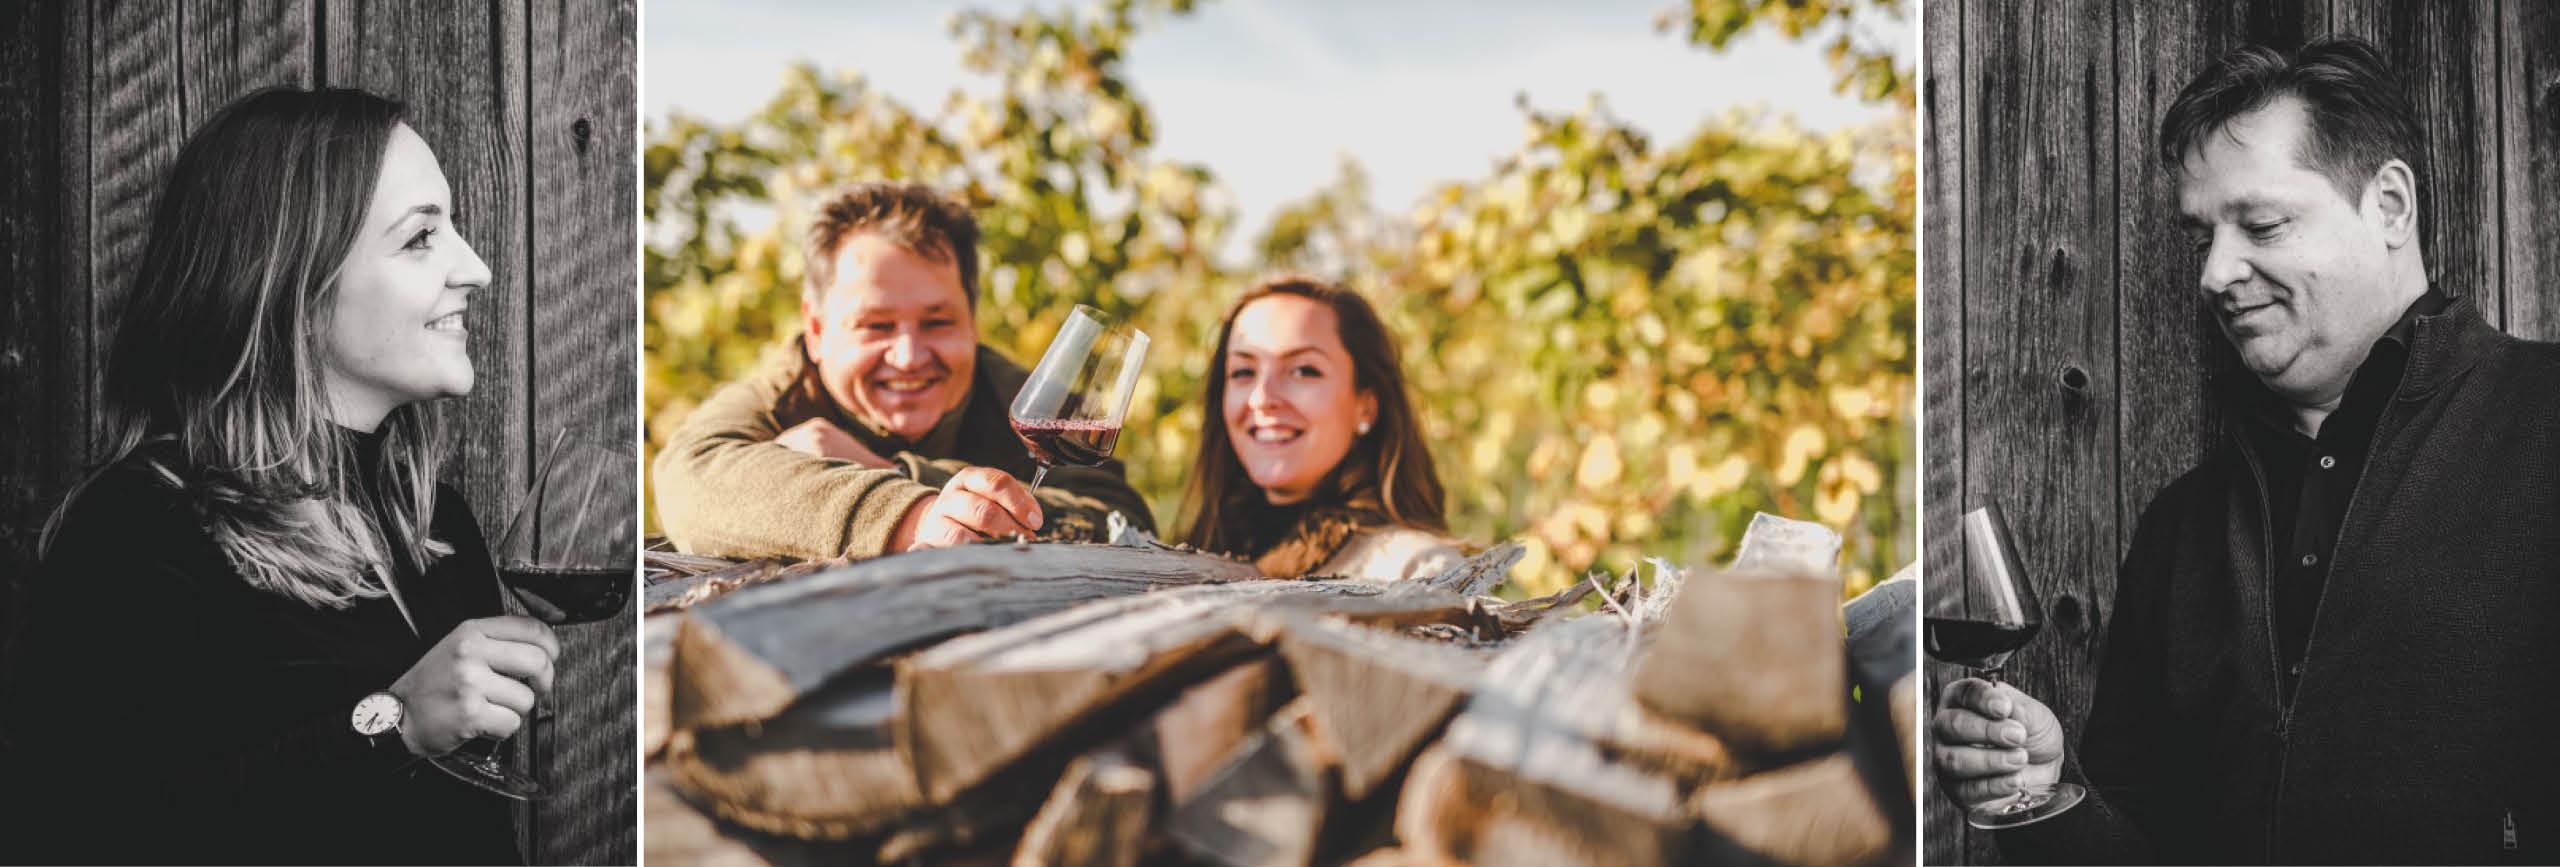 Verkostung für 2 Personen am Weingut Böheim